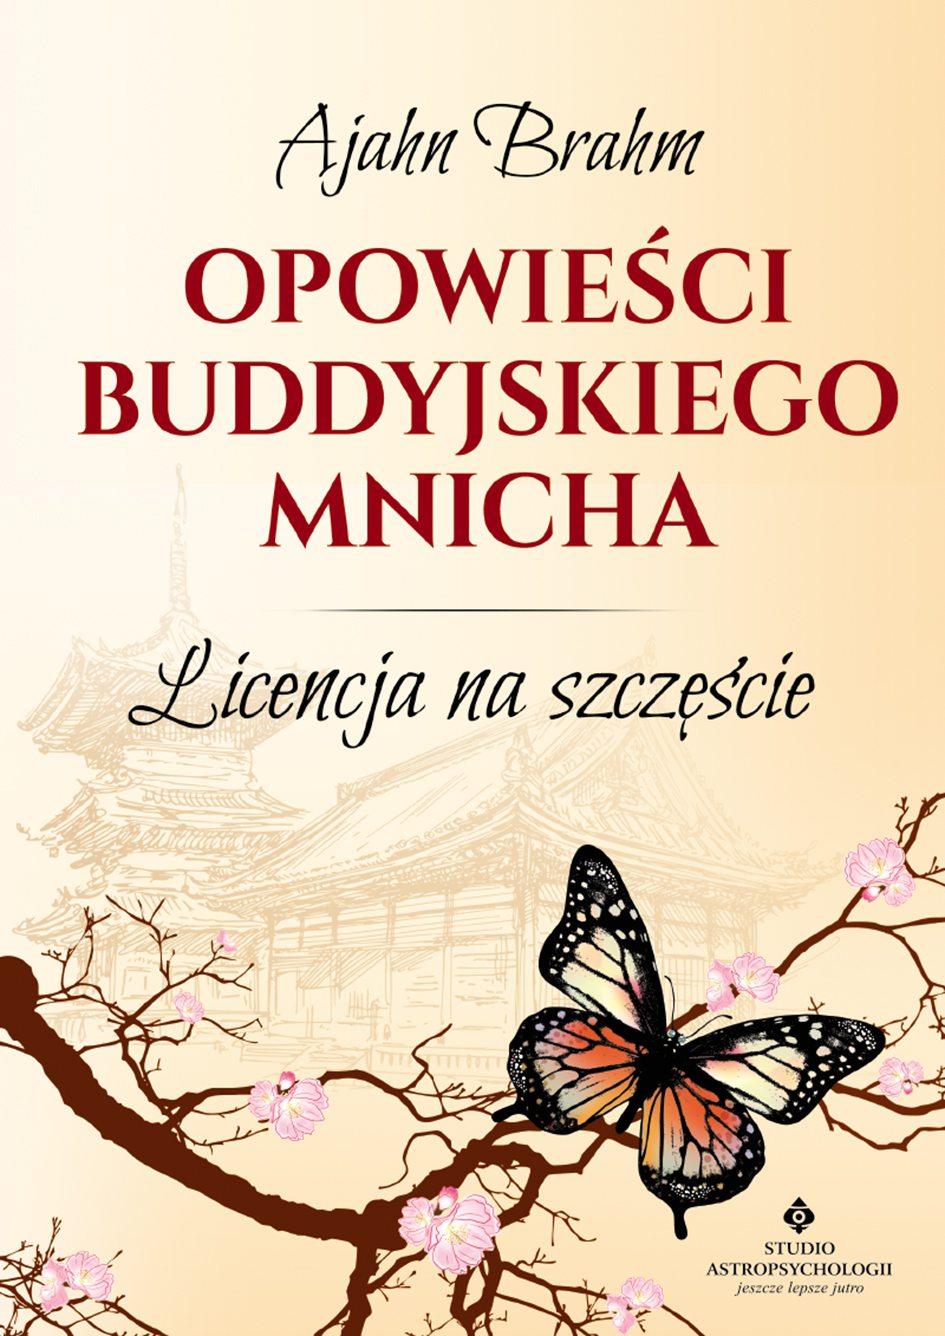 Opowieści buddyjskiego mnicha. Licencja na szczęście - Ebook (Książka EPUB) do pobrania w formacie EPUB